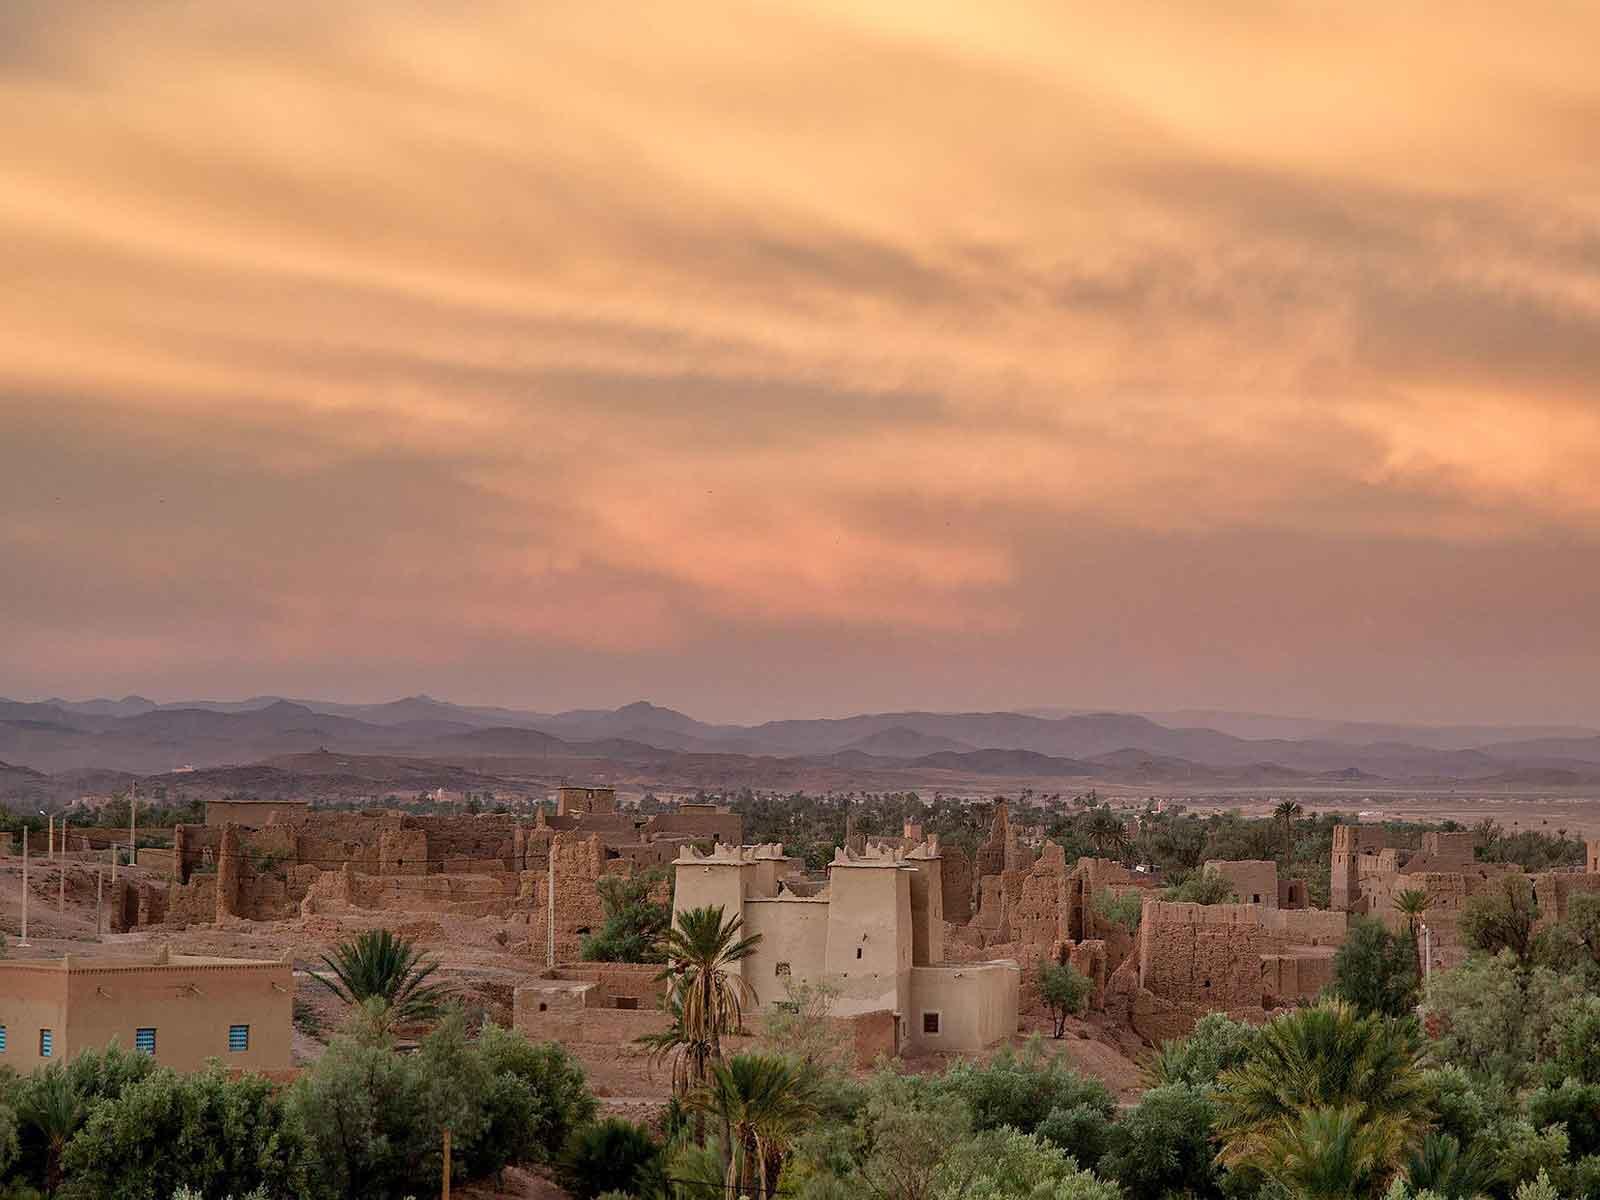 Marrakech Sahara desert trip 4 days